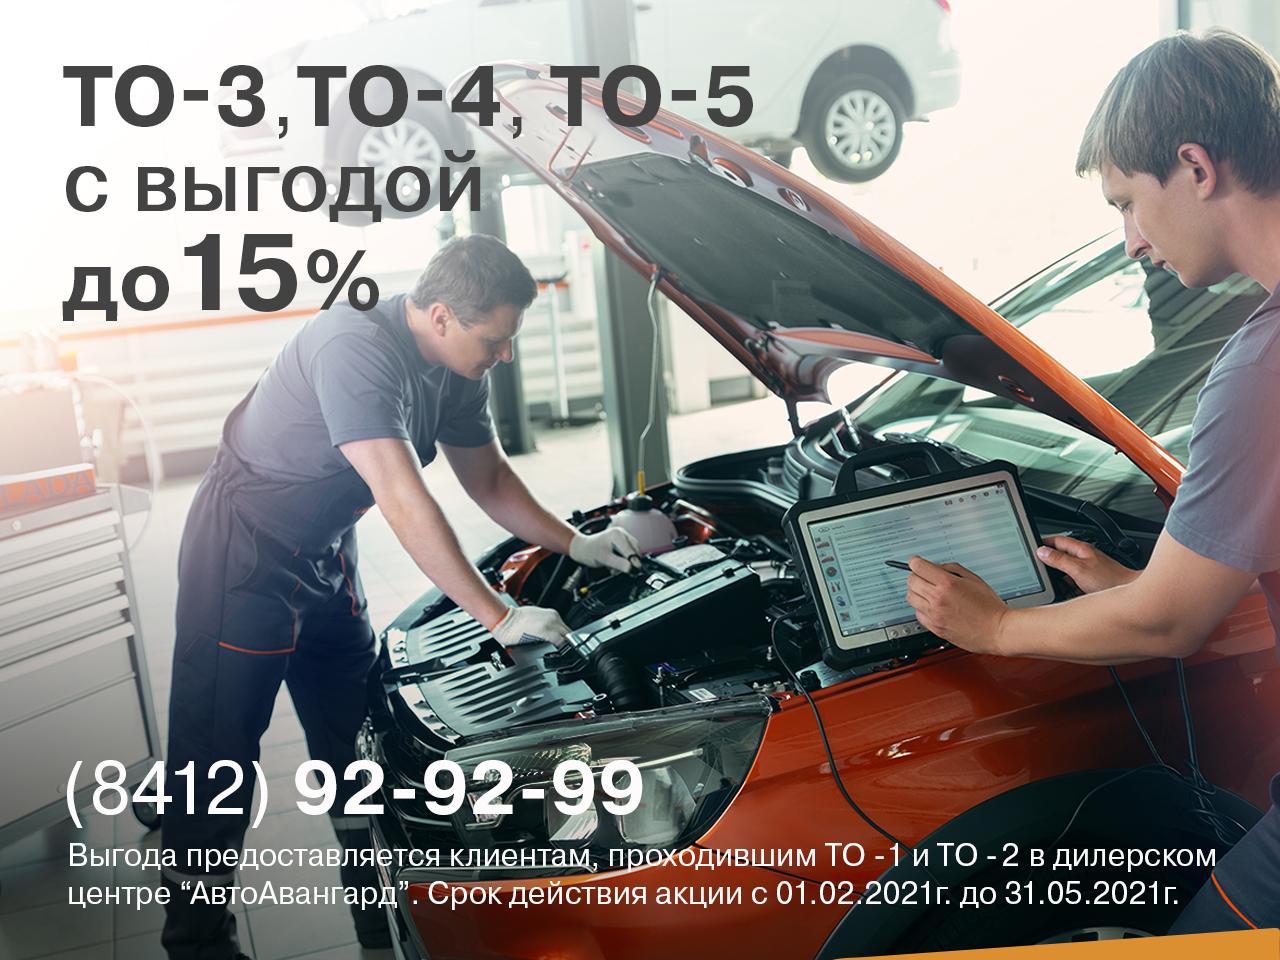 Выгода 15% на прохождение ТО-3, ТО-4, ТО-5